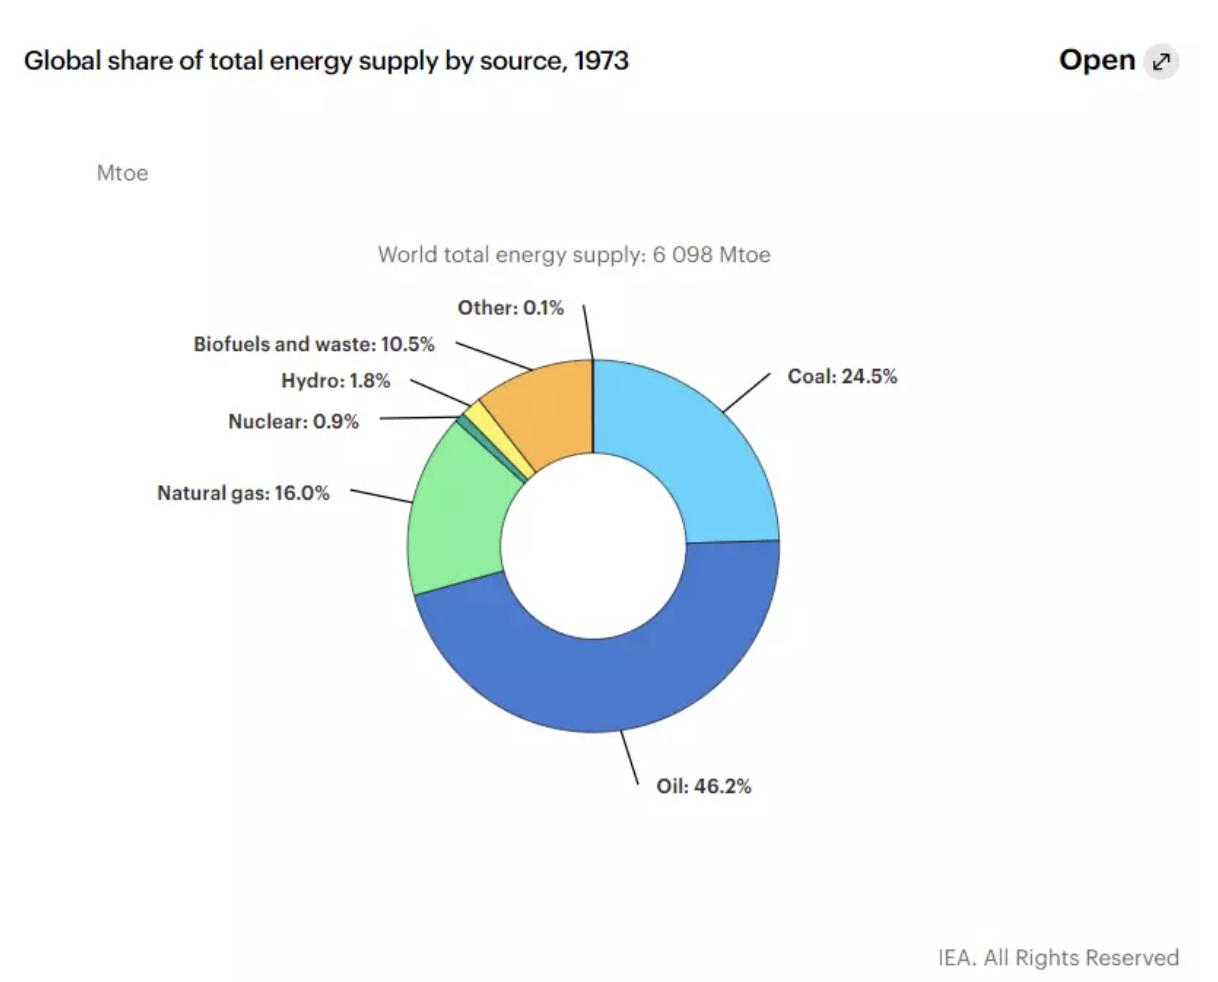 La cuota de energía mundial en 1973.